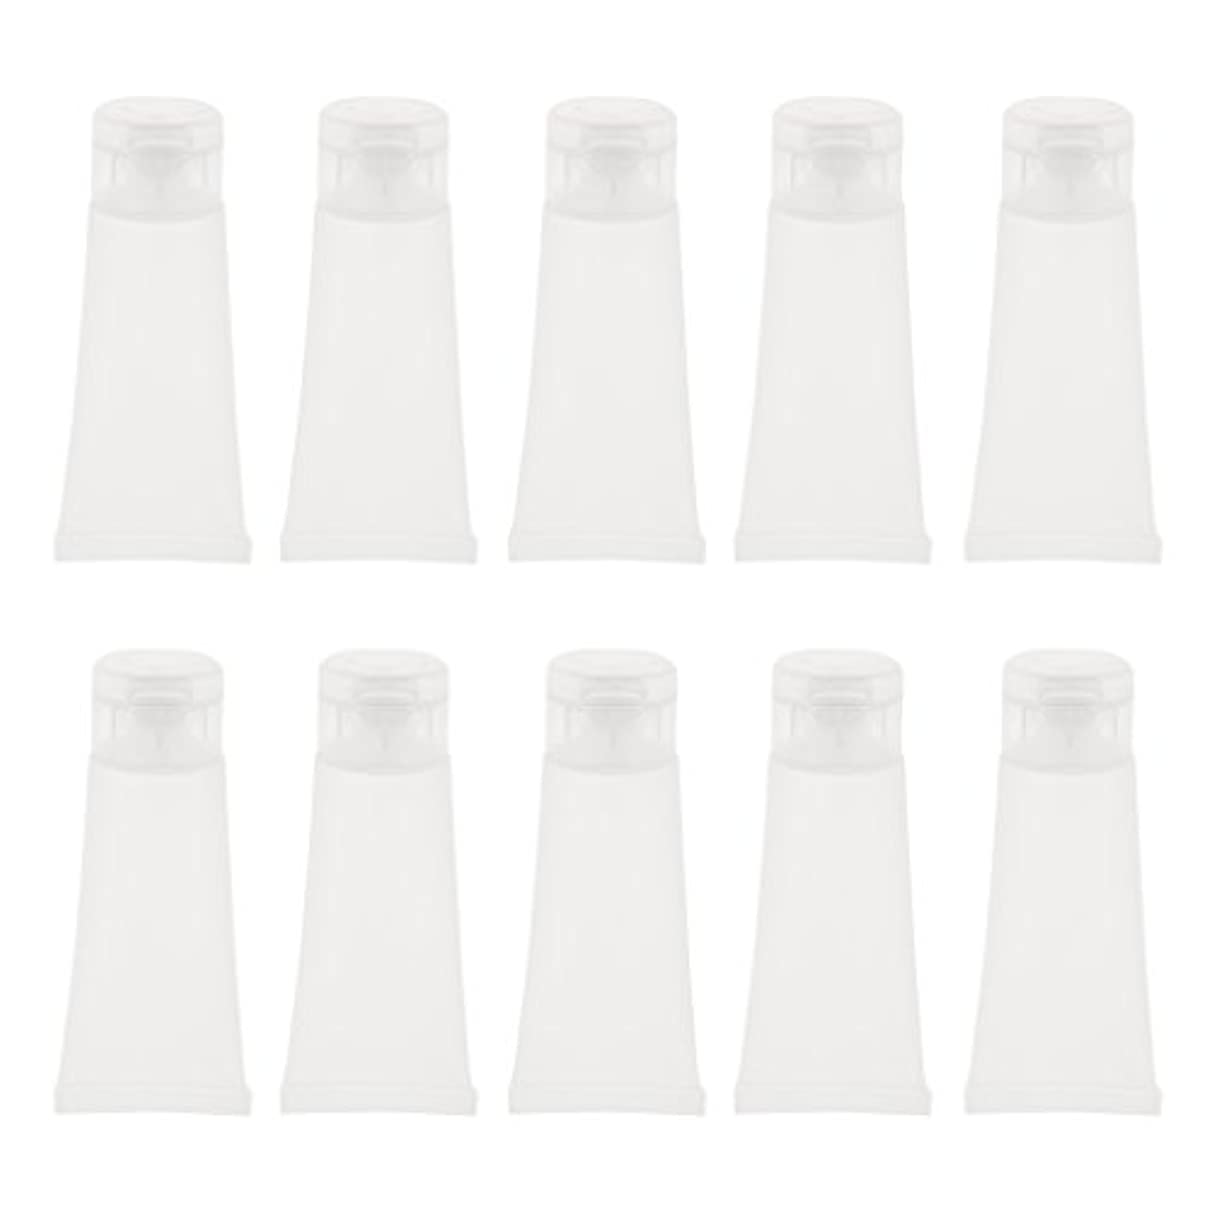 評判フェリー肘掛け椅子10個 空チューブ クリームチューブ 空ボトル コスメ 詰替え DIY 2サイズ選べる - 15g